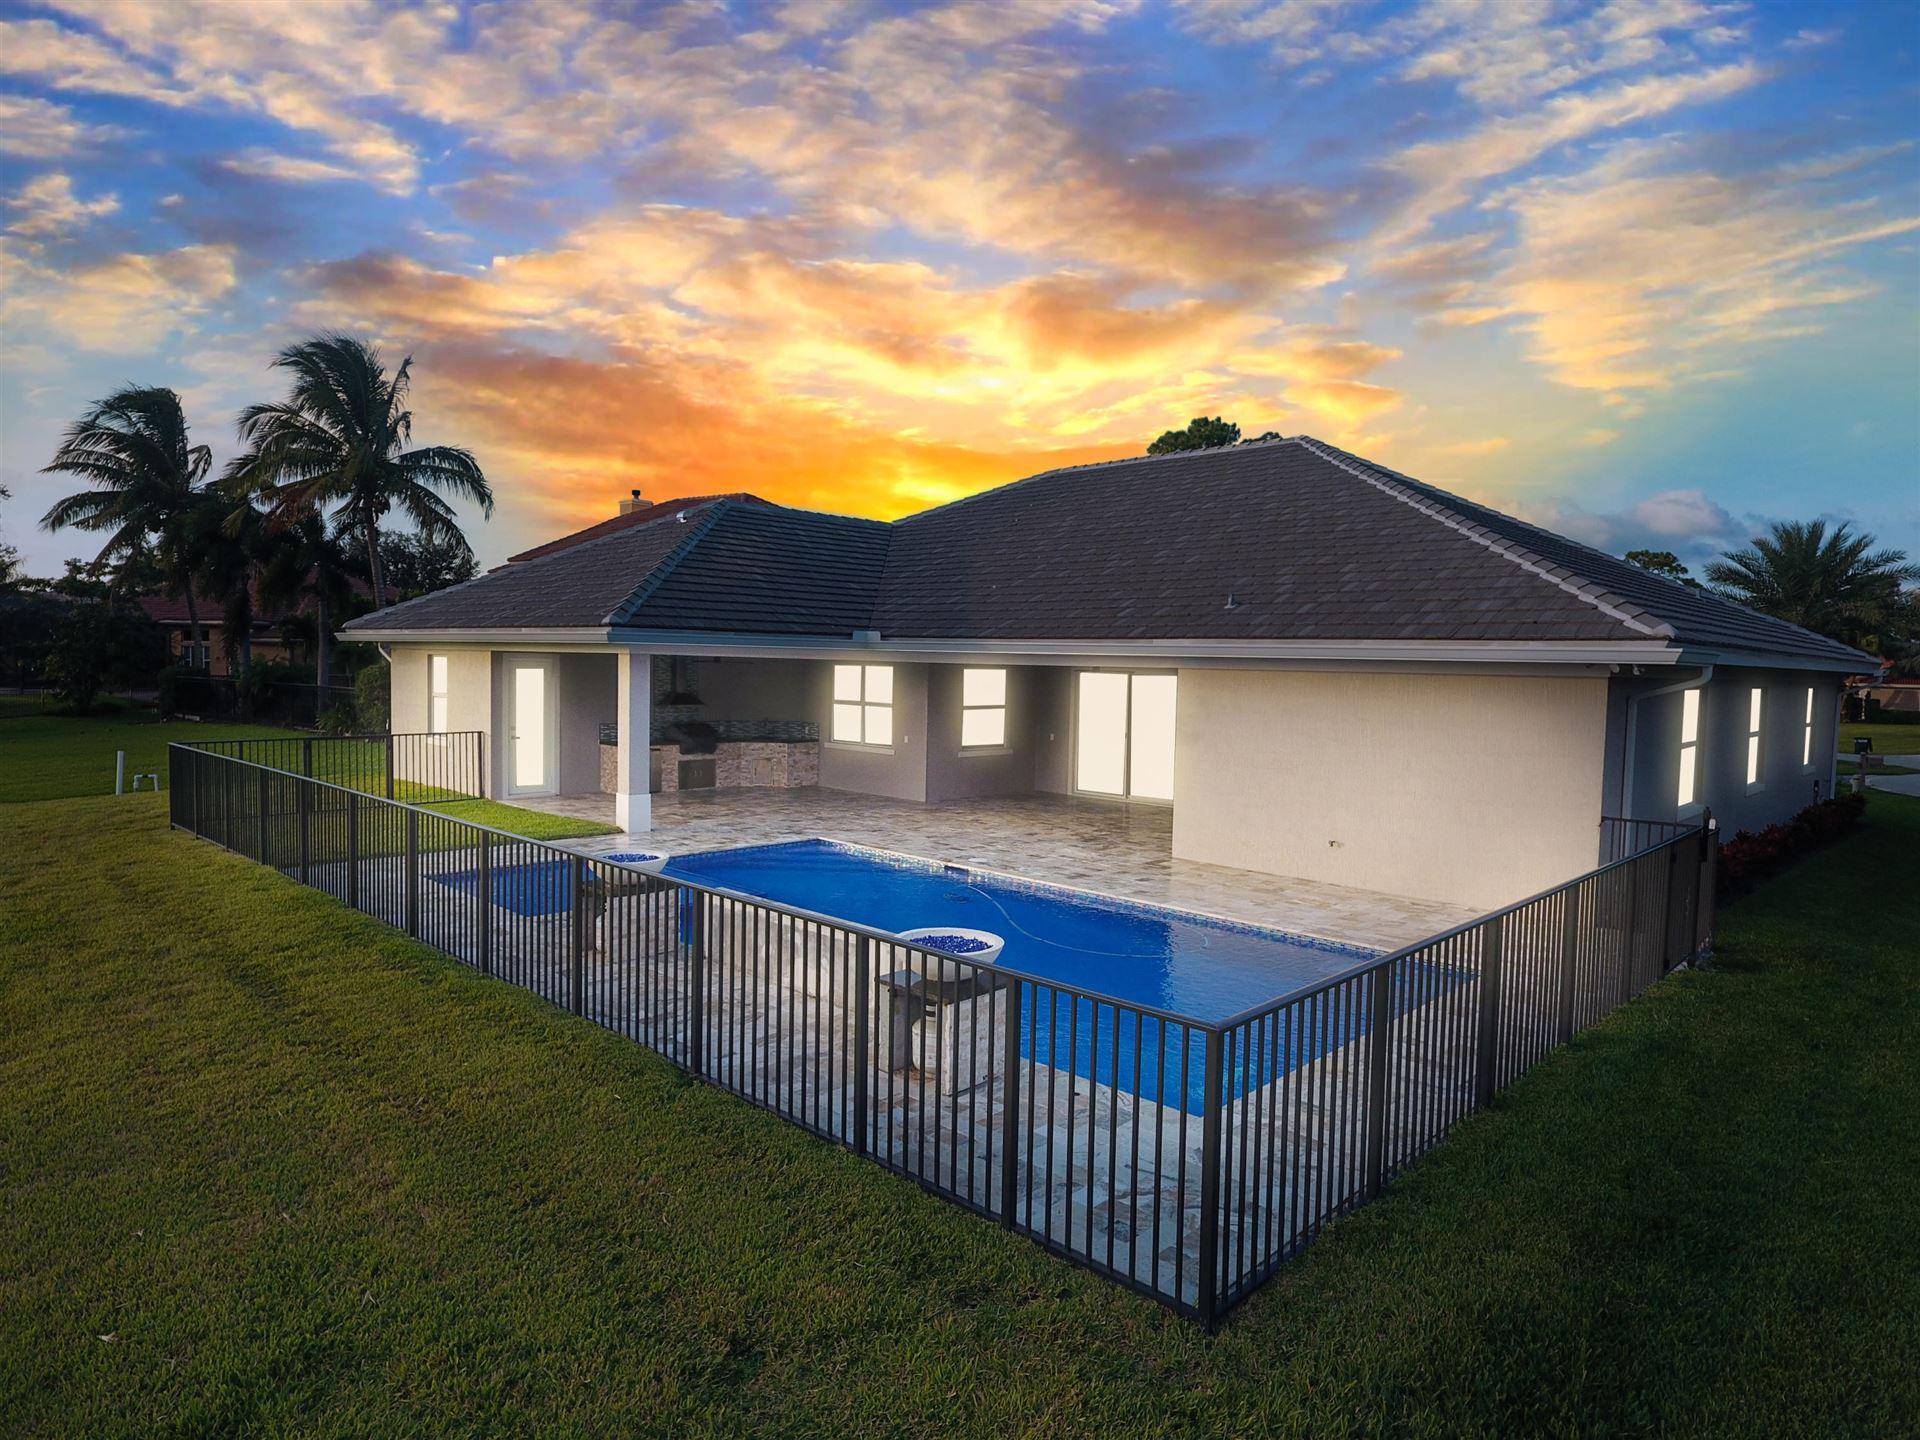 Photo of 10476 SW Lands End Place, Palm City, FL 34990 (MLS # RX-10619723)